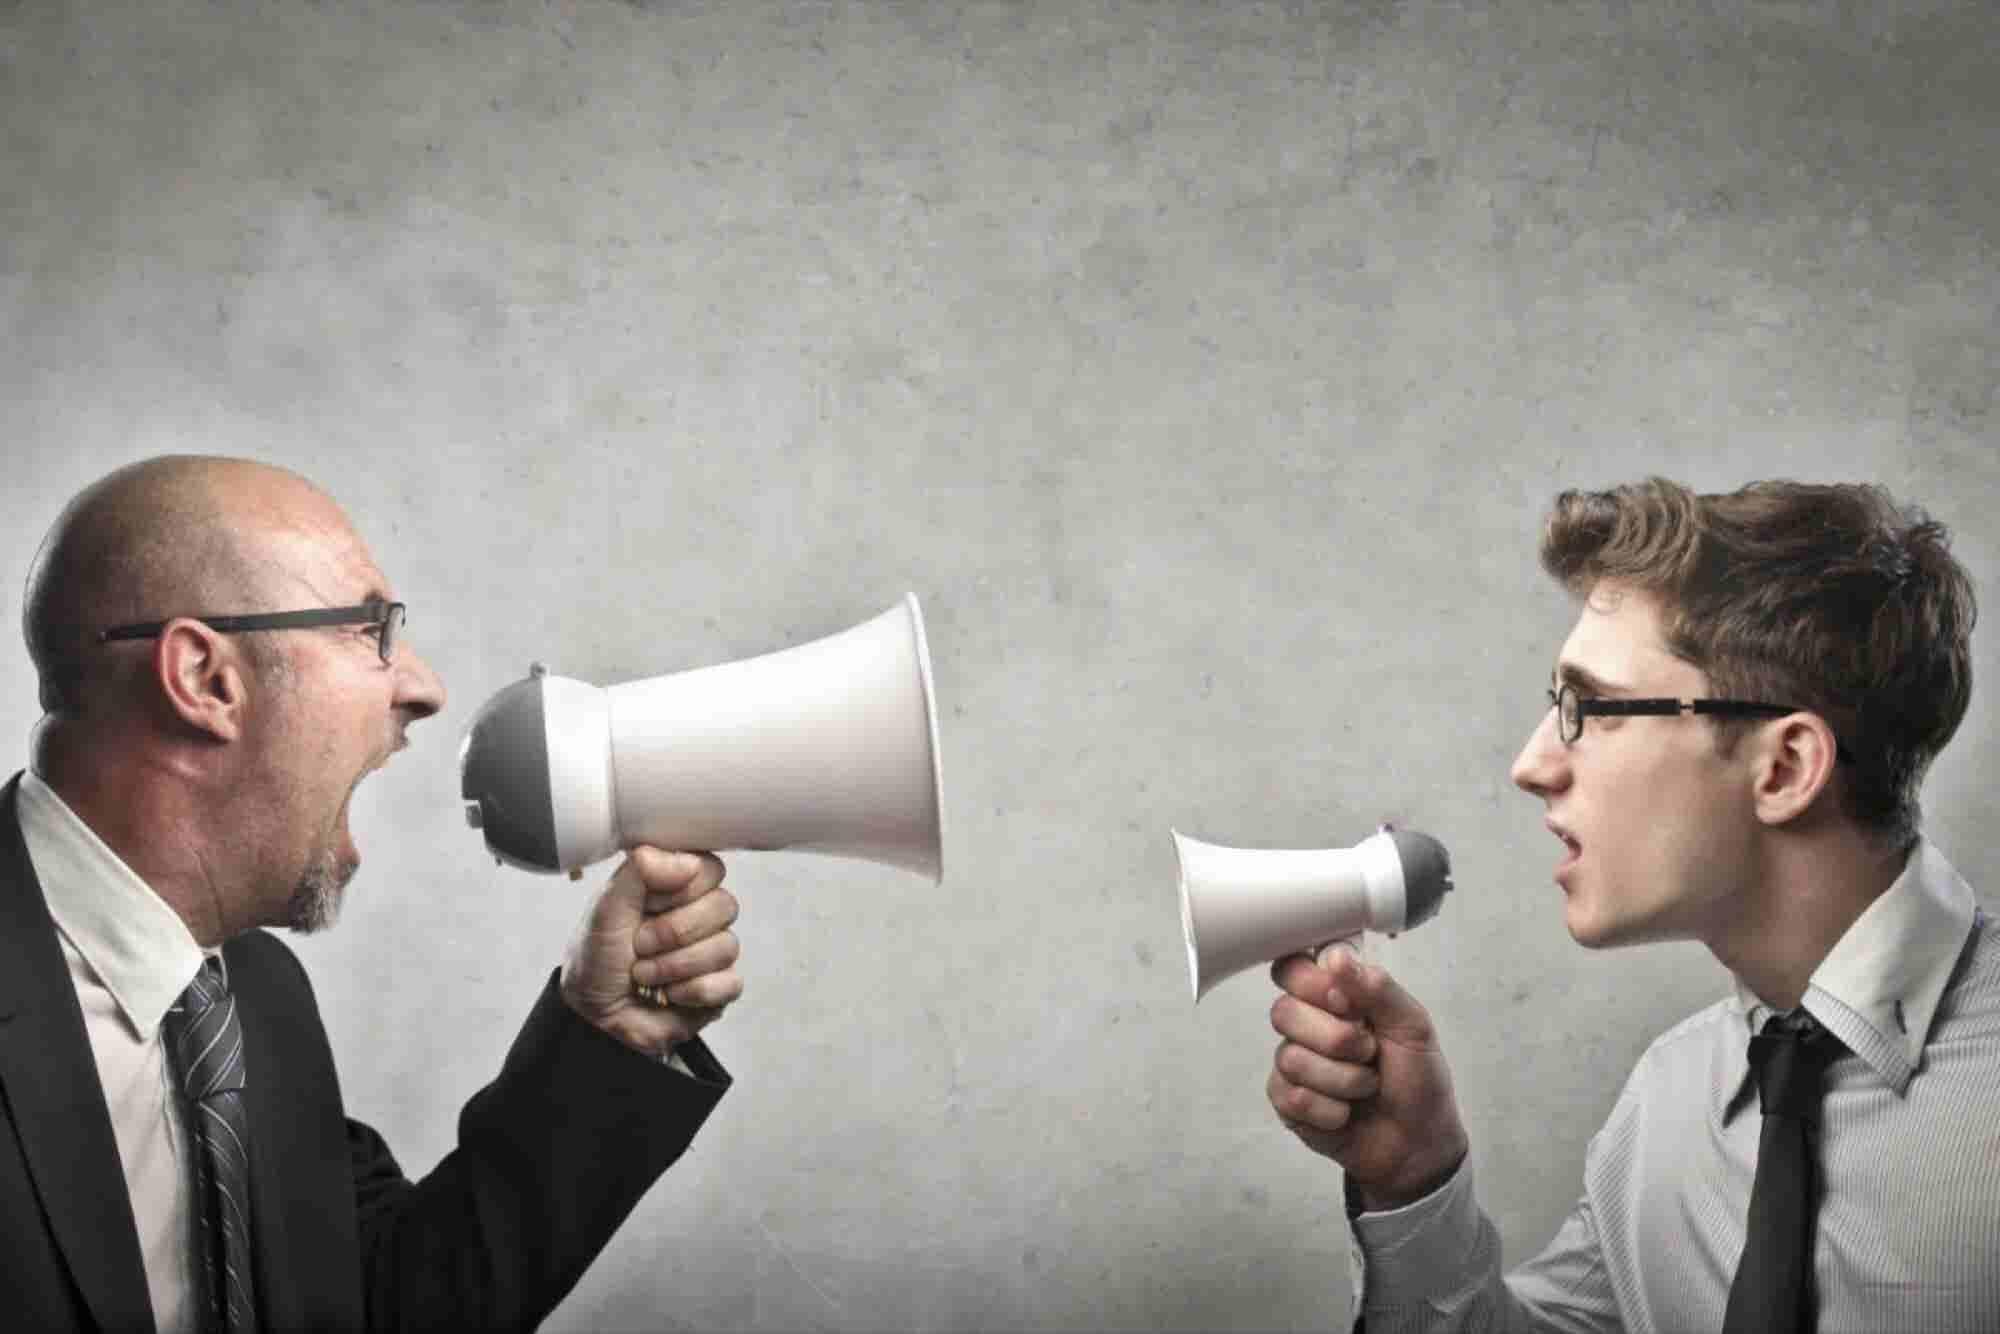 Consejos prácticos para tener una comunicación más eficiente